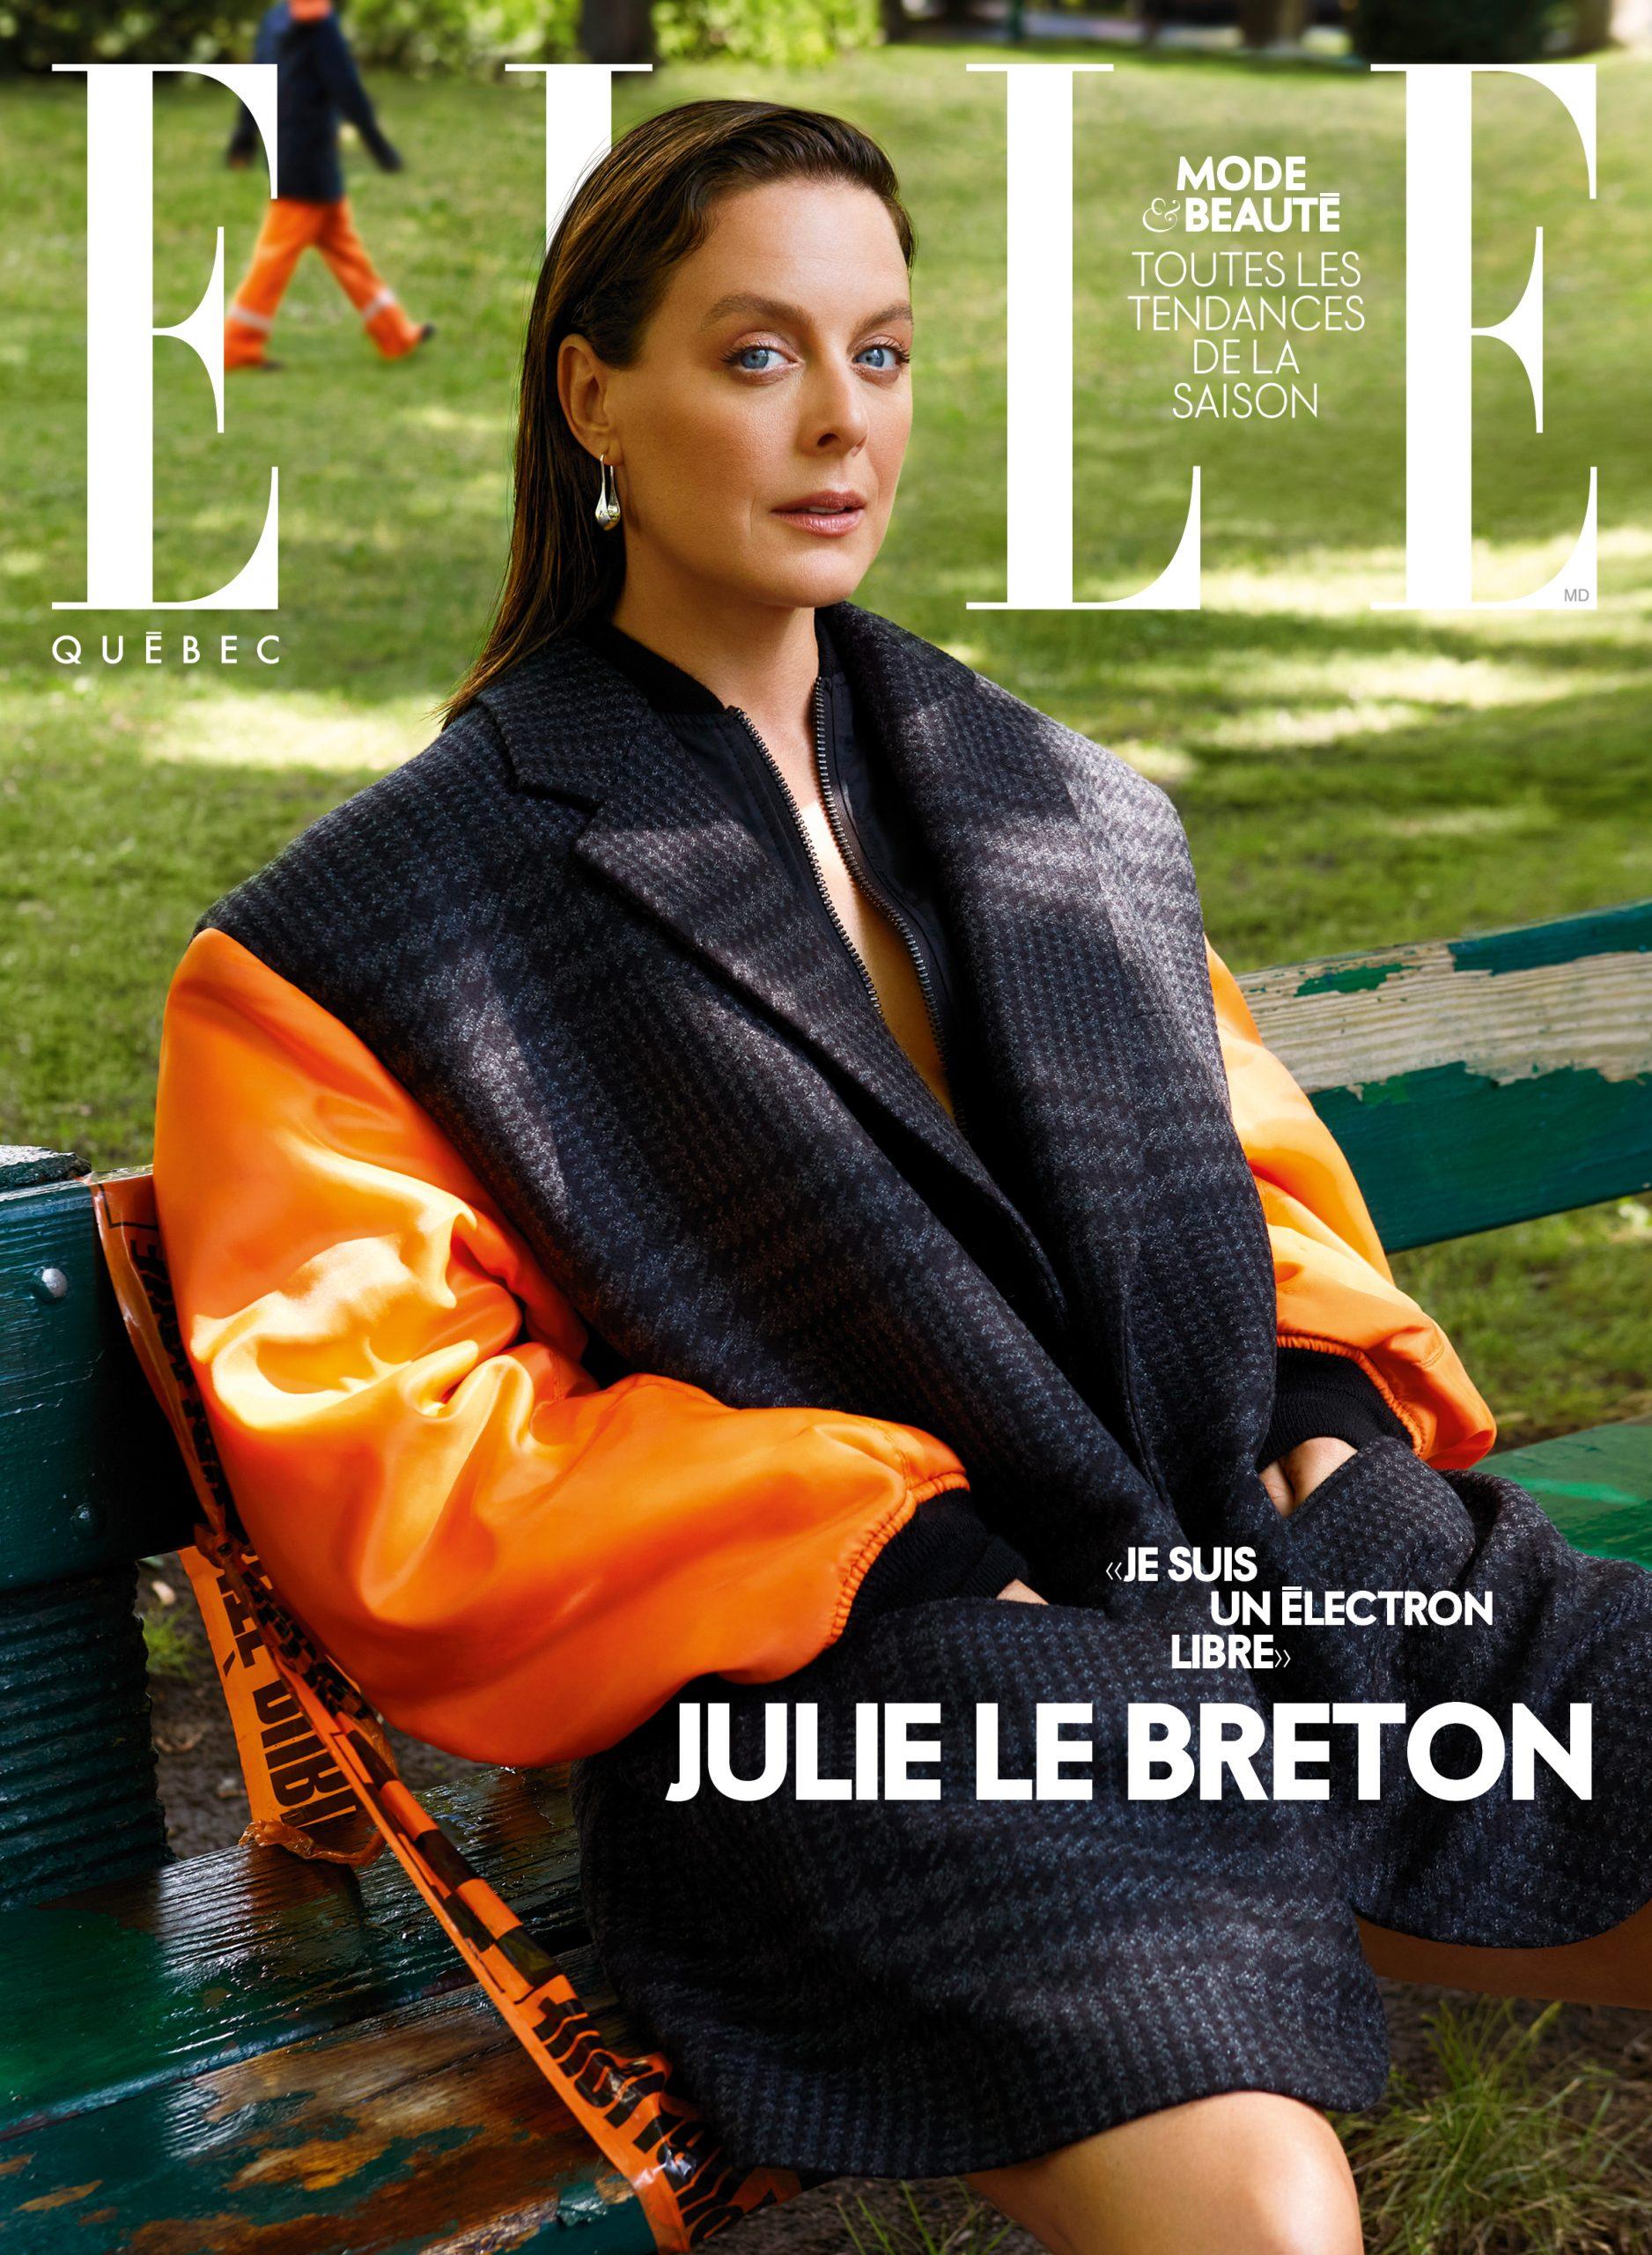 Cliquez ici pour acheter Abonnement au magazine Elle Québec